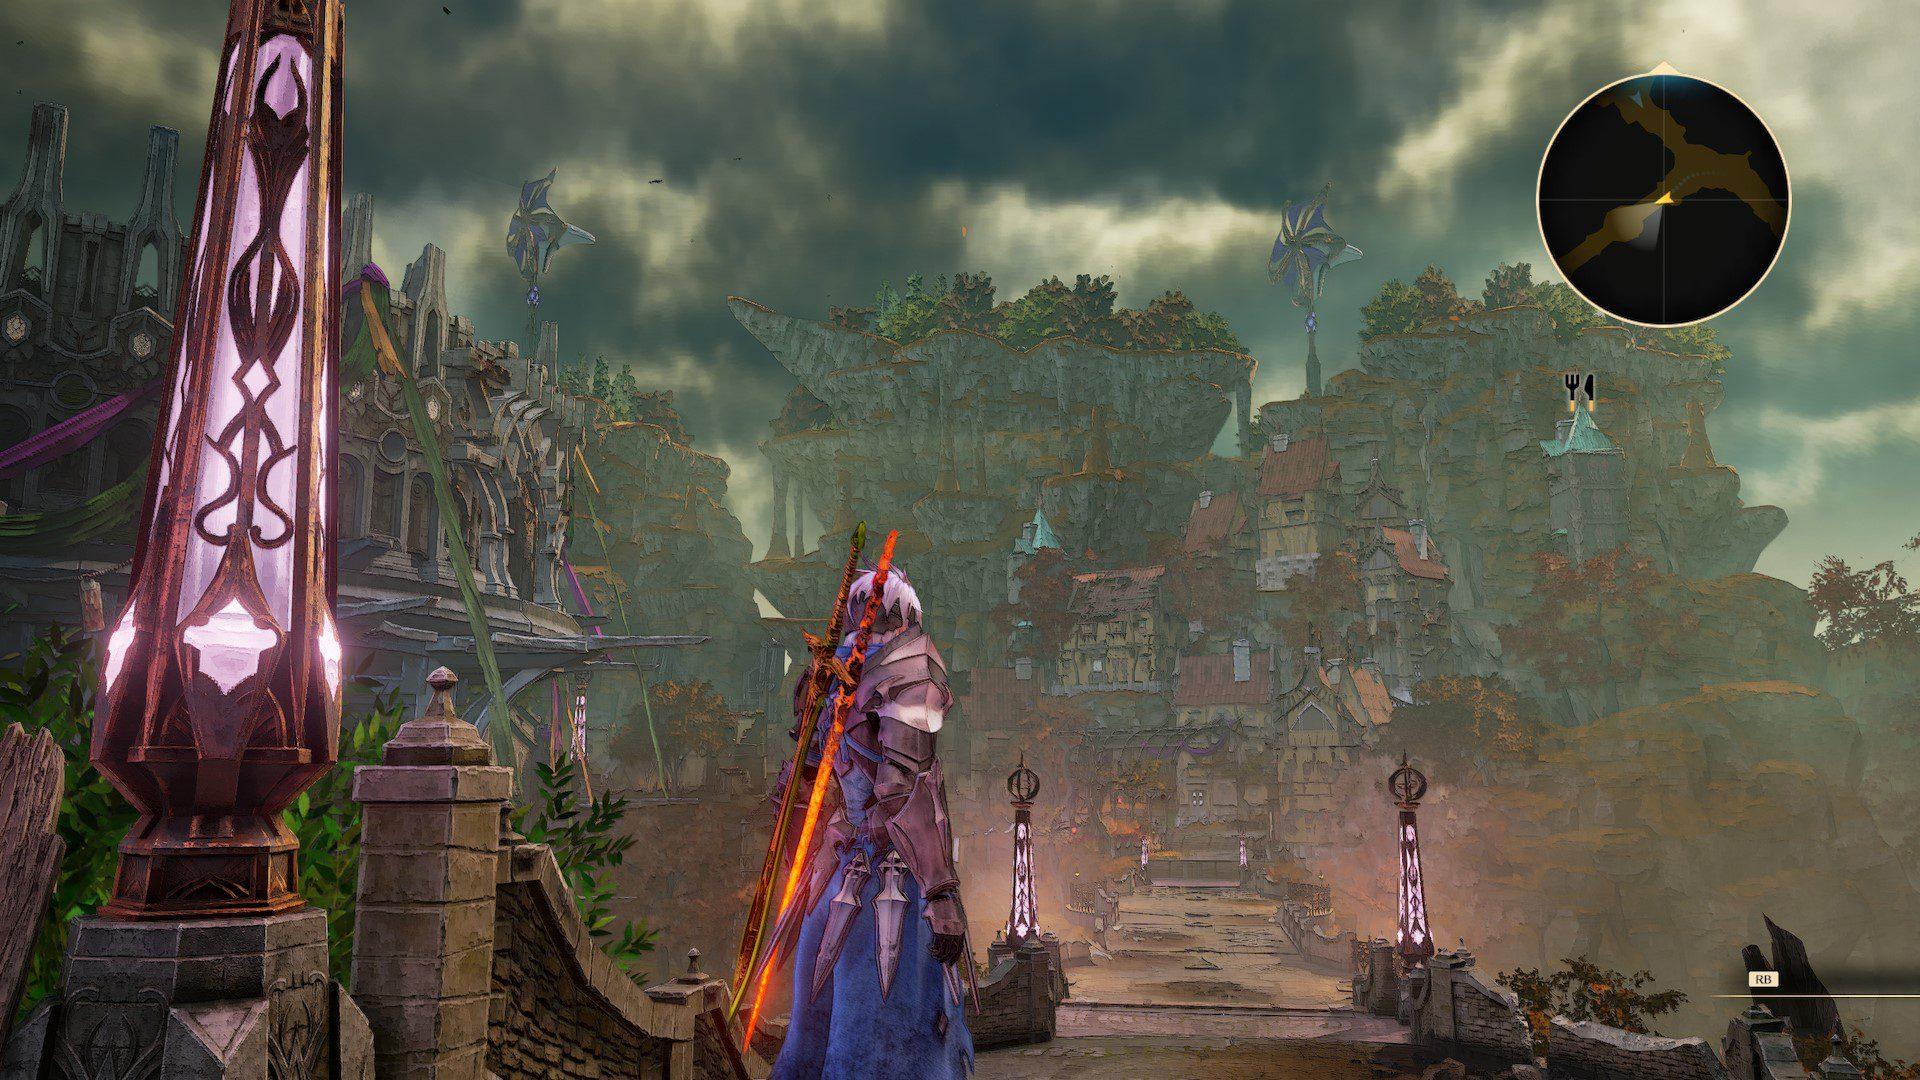 Análisis de Tales of Arise en Xbox Series - Analizamos Tales of Arise, la nueva entrega de la saga después de su 25 aniversario. Os adelanto que viene pisando fuerte.